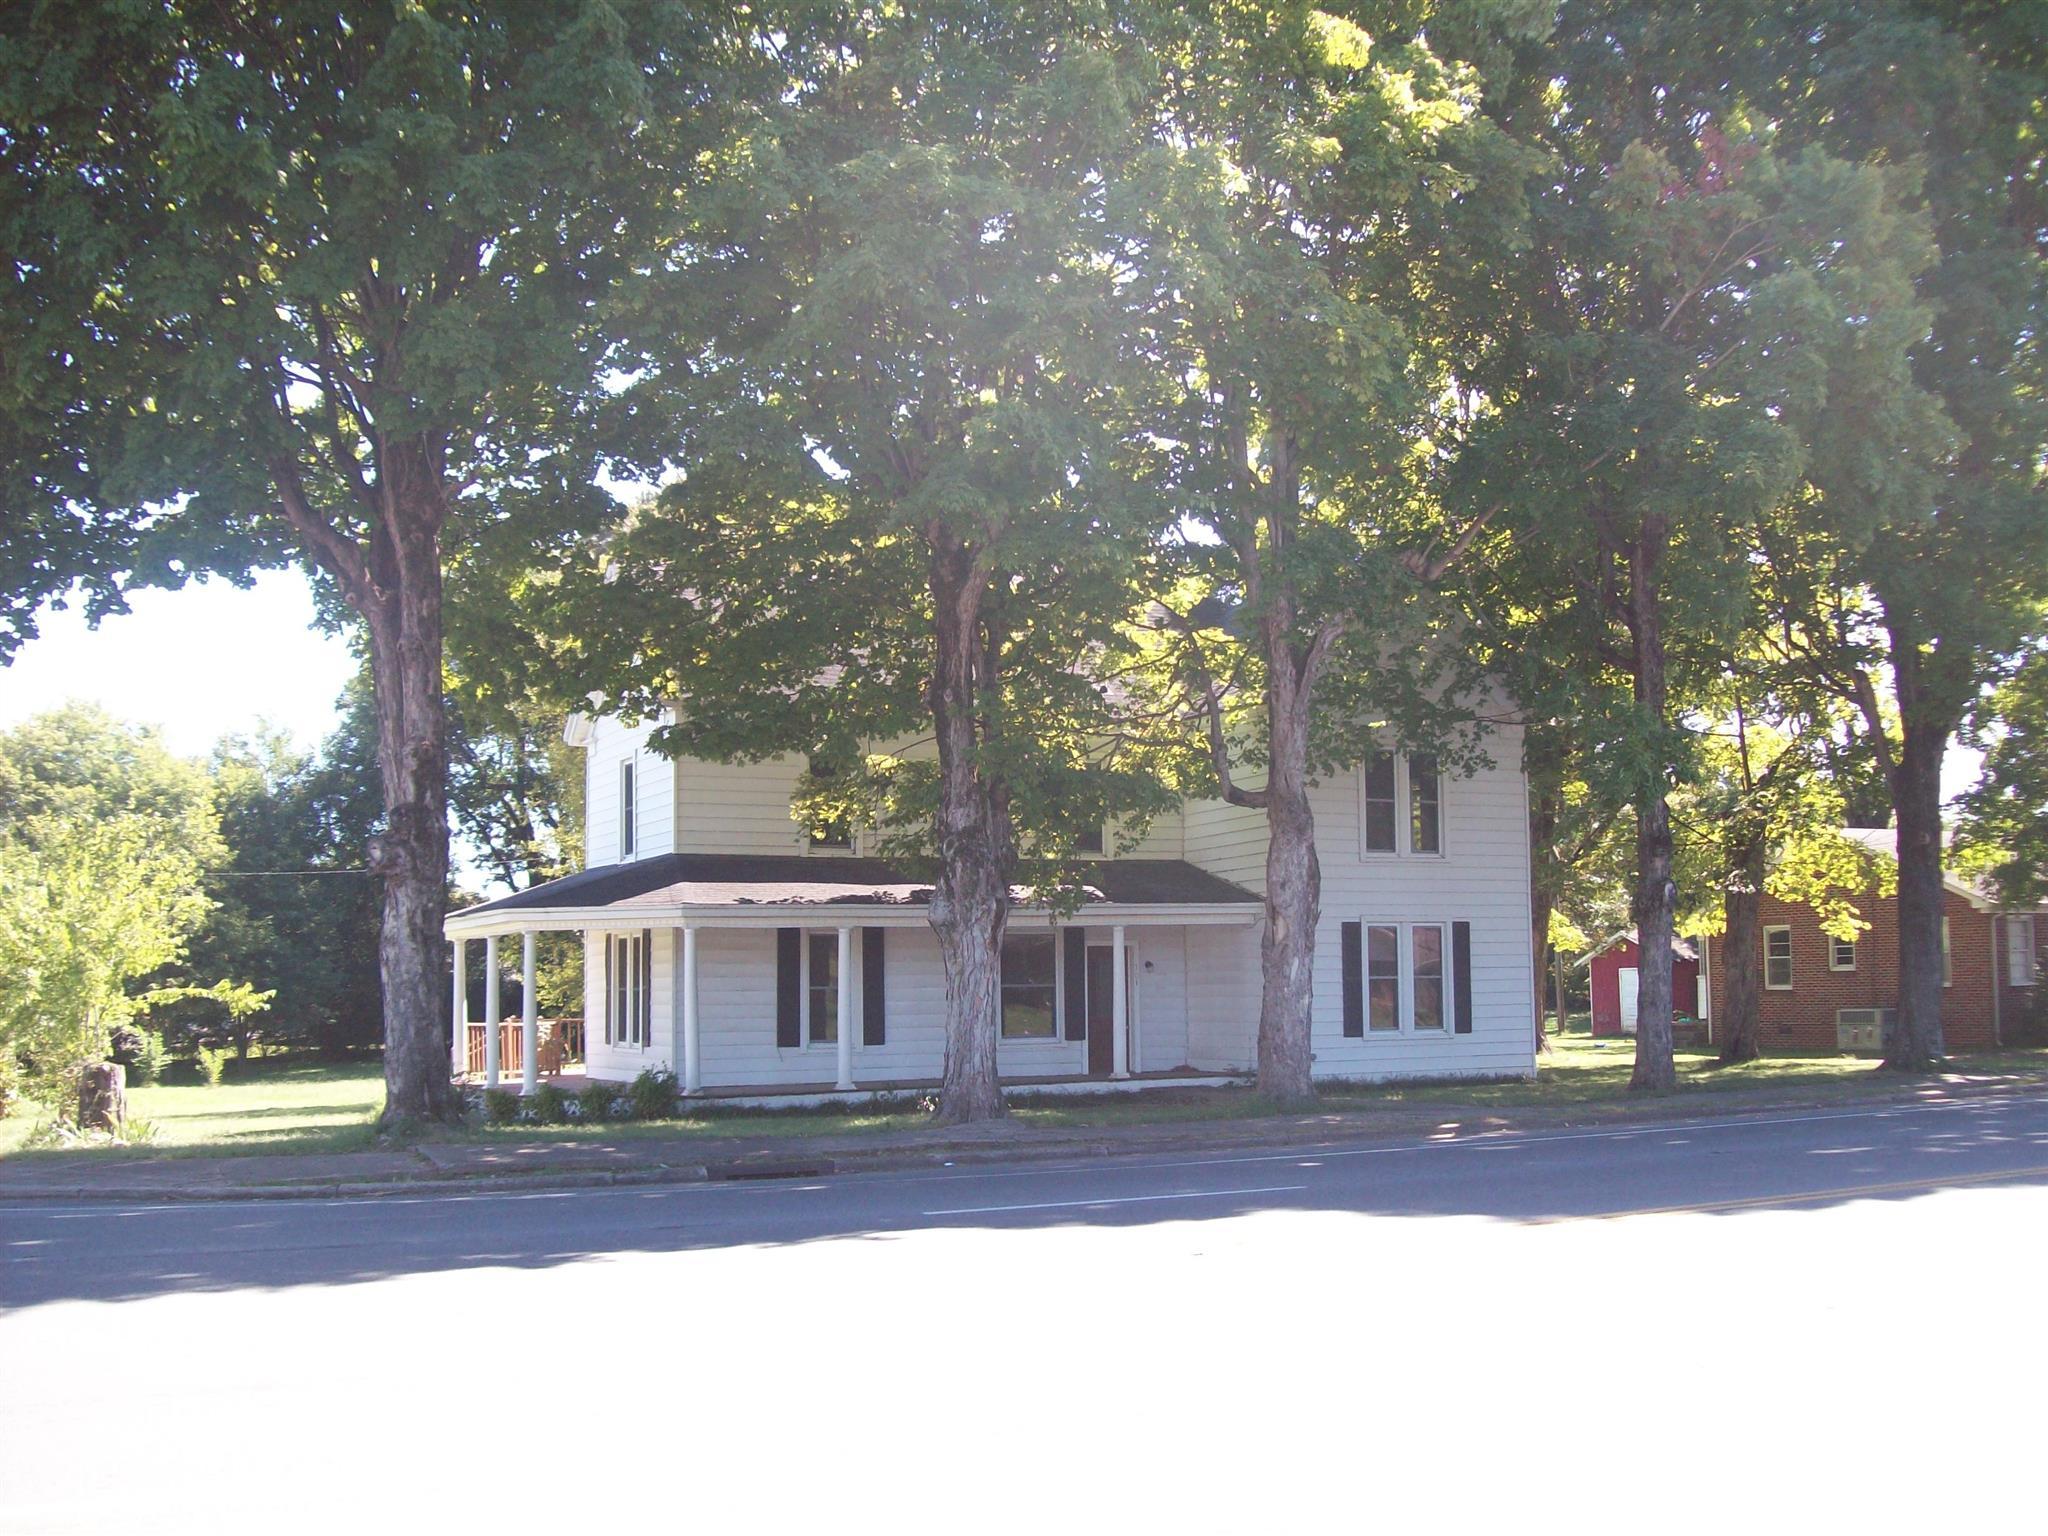 501 W Main St, Decherd, TN 37324